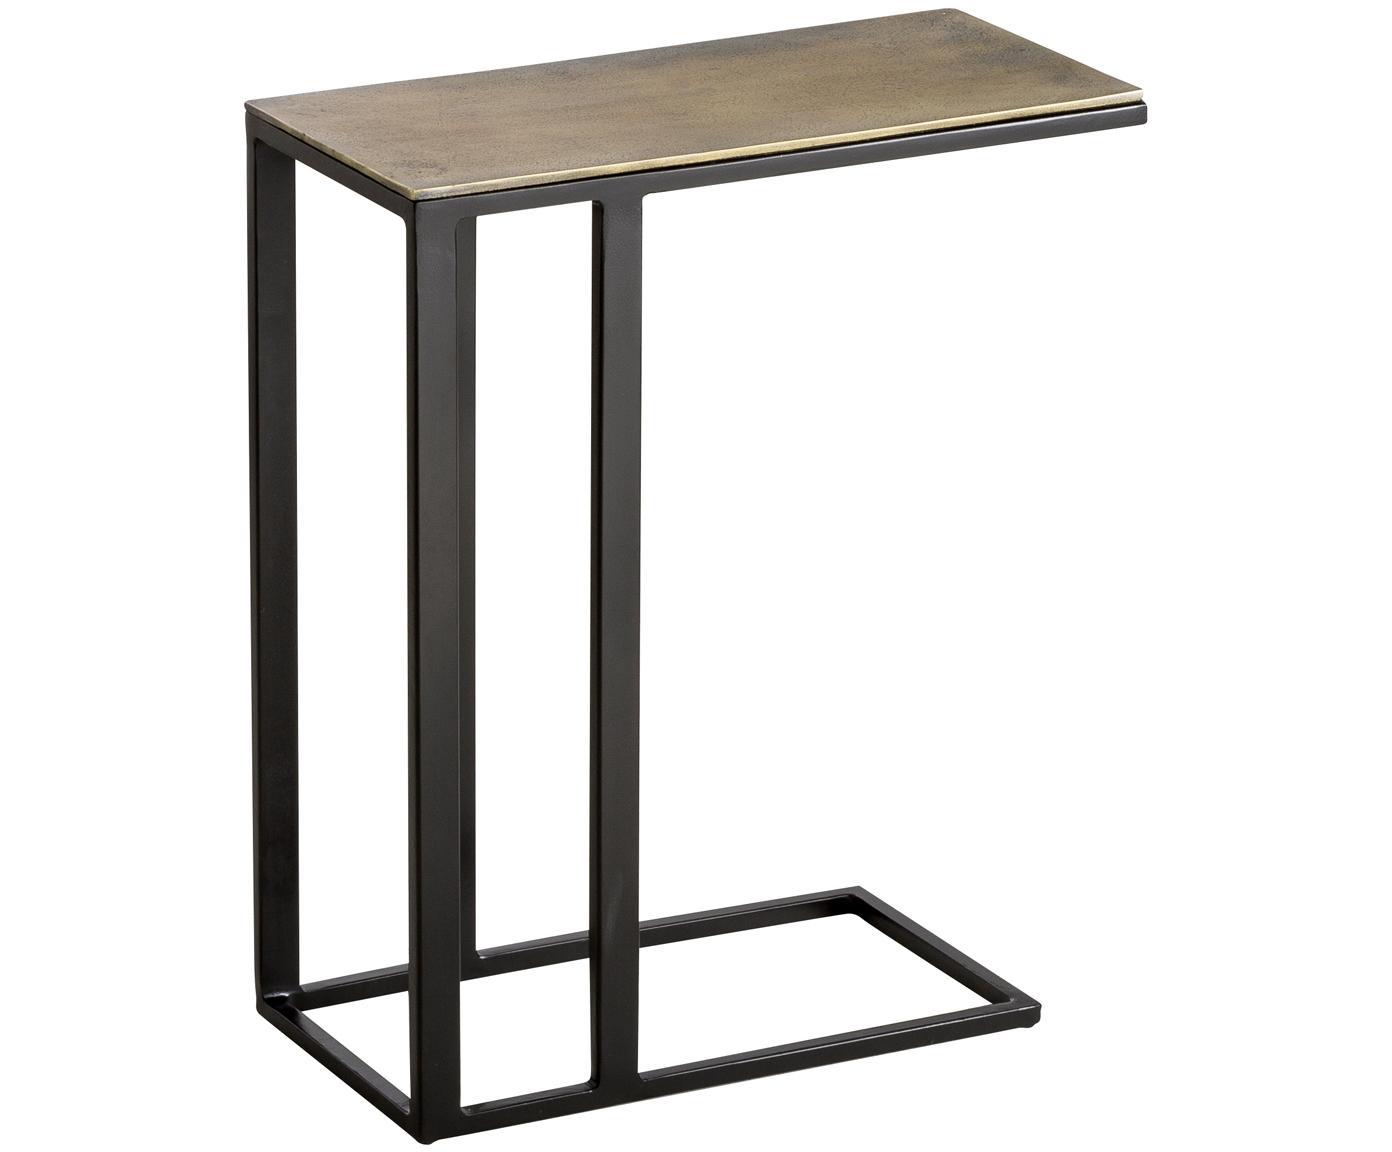 Mesa auxiliar Edge, estilo industrial, Tablero: metal con pintura en polv, Estructura: metal con pintura en polv, Latón, negro, An 43 x Al 52 cm